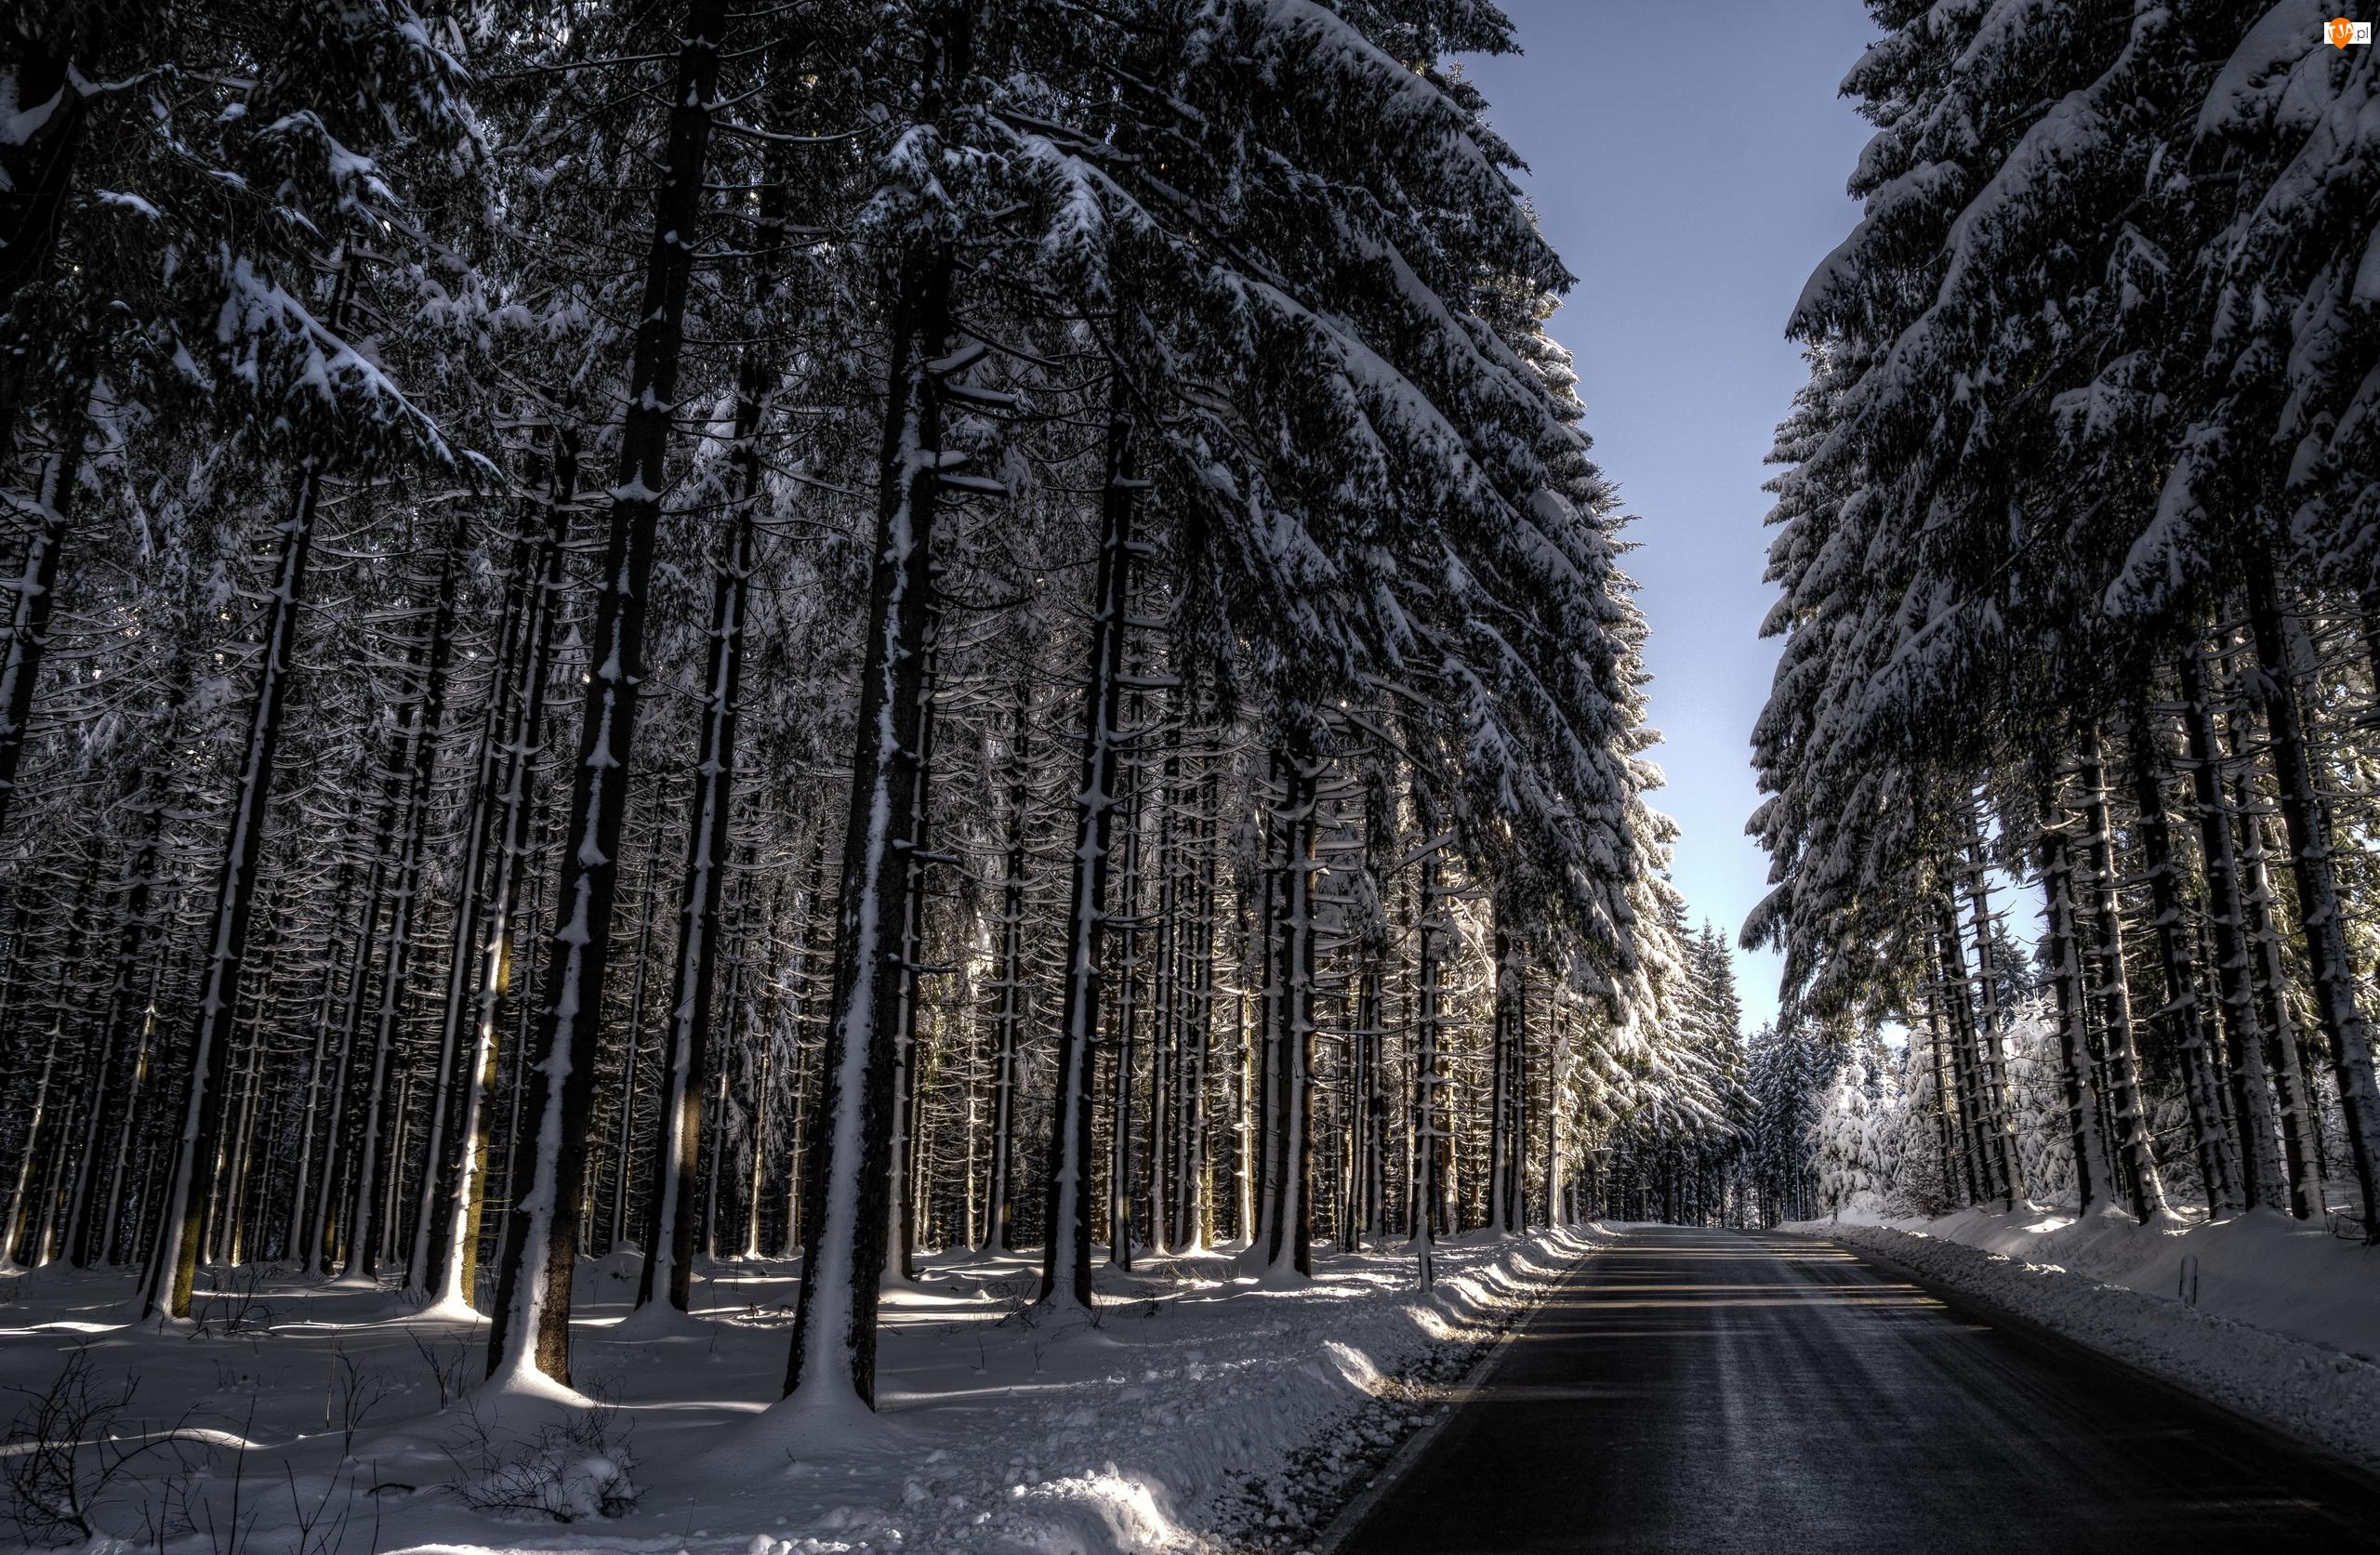 Zima, Drzewa, Droga, Las, Wysokie